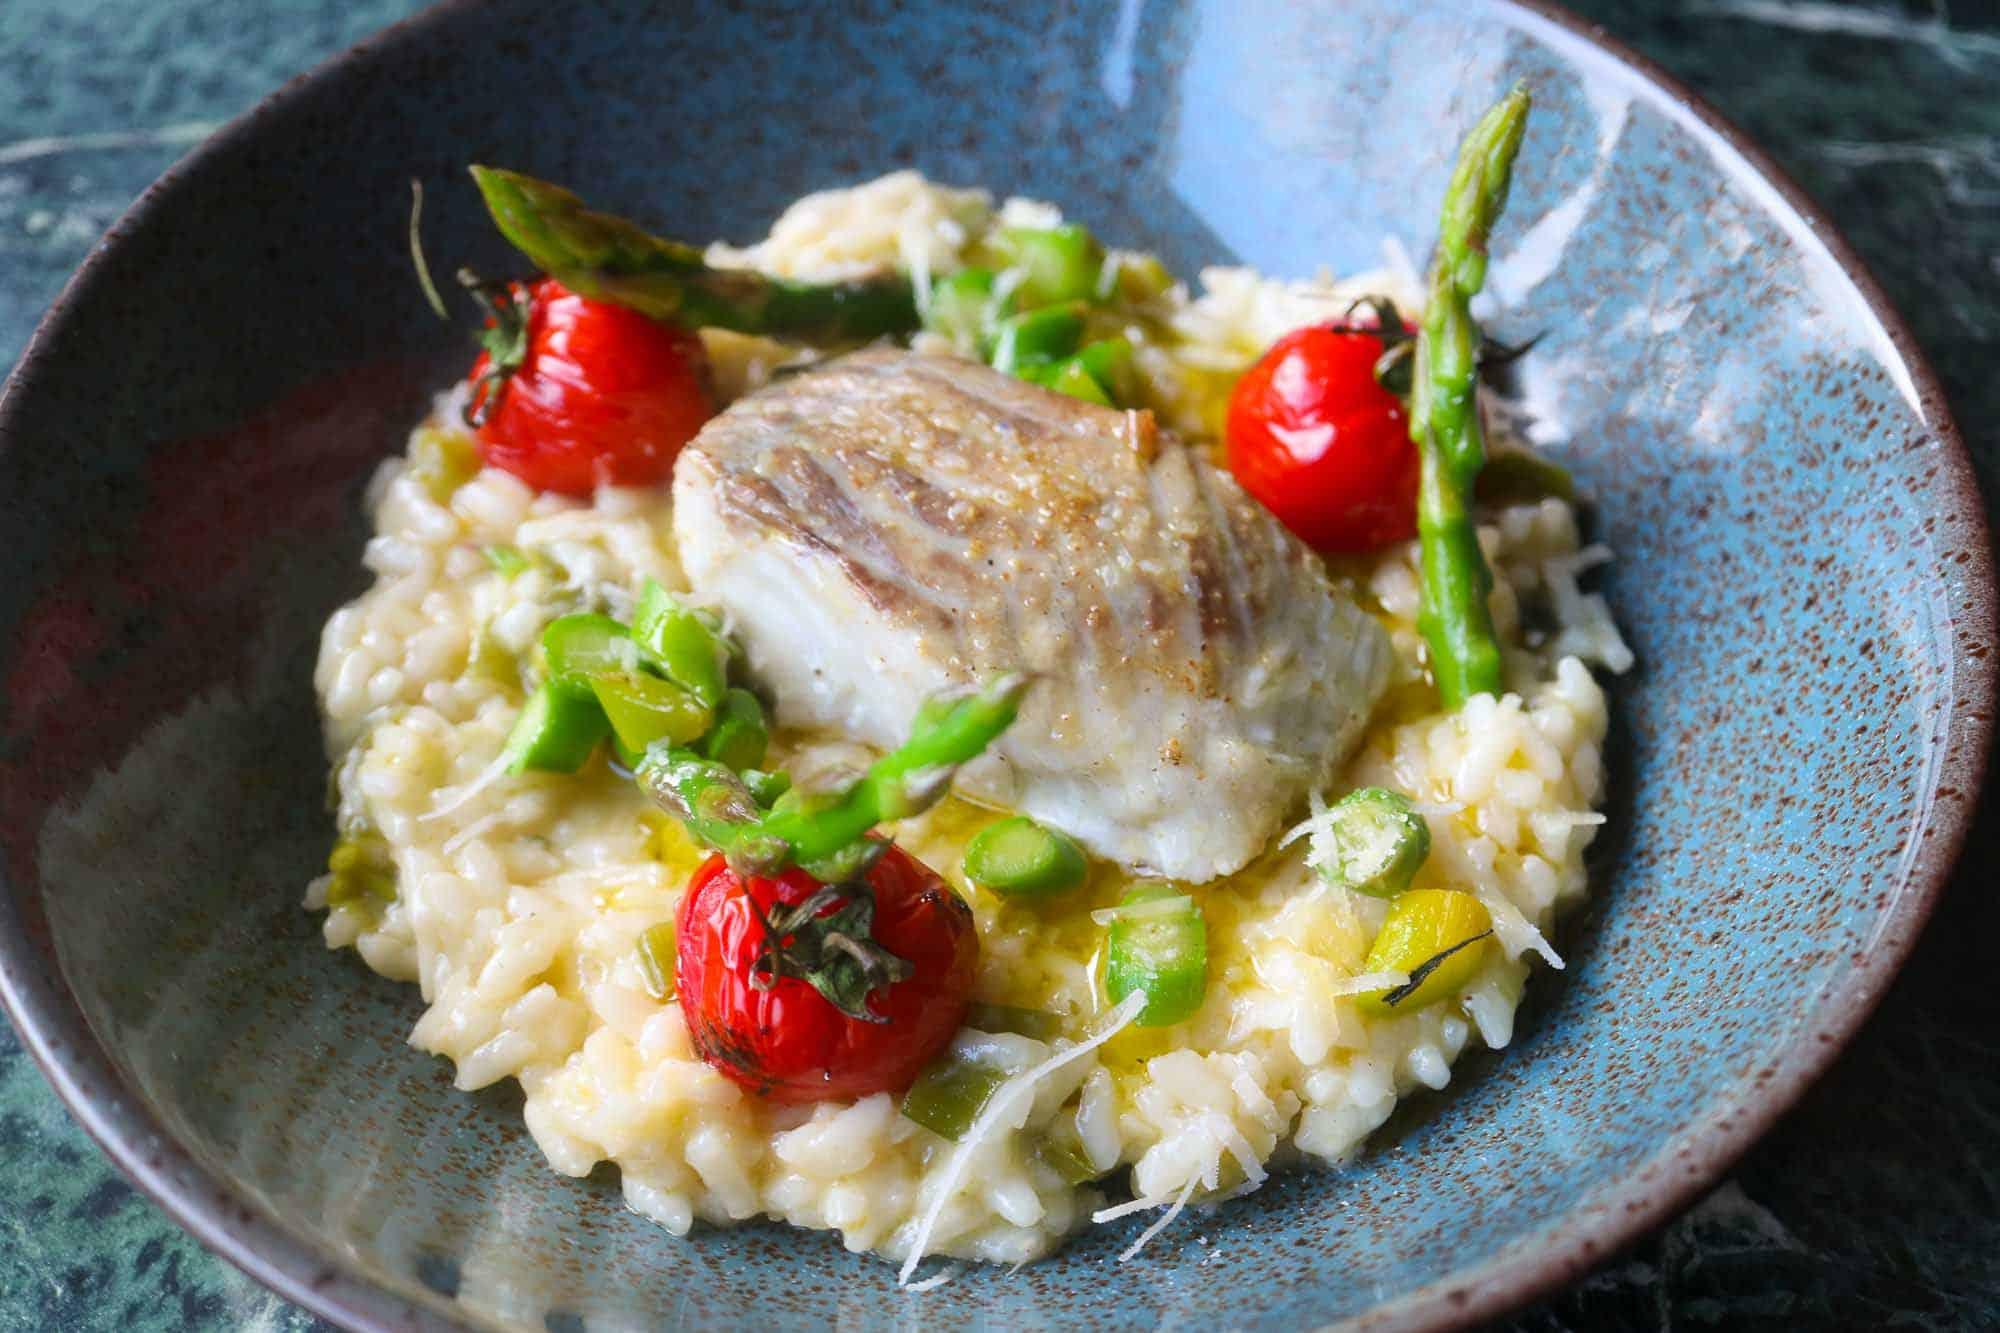 Zitronenrisotto serviert mit Spargel, tomaten und Seelachs.